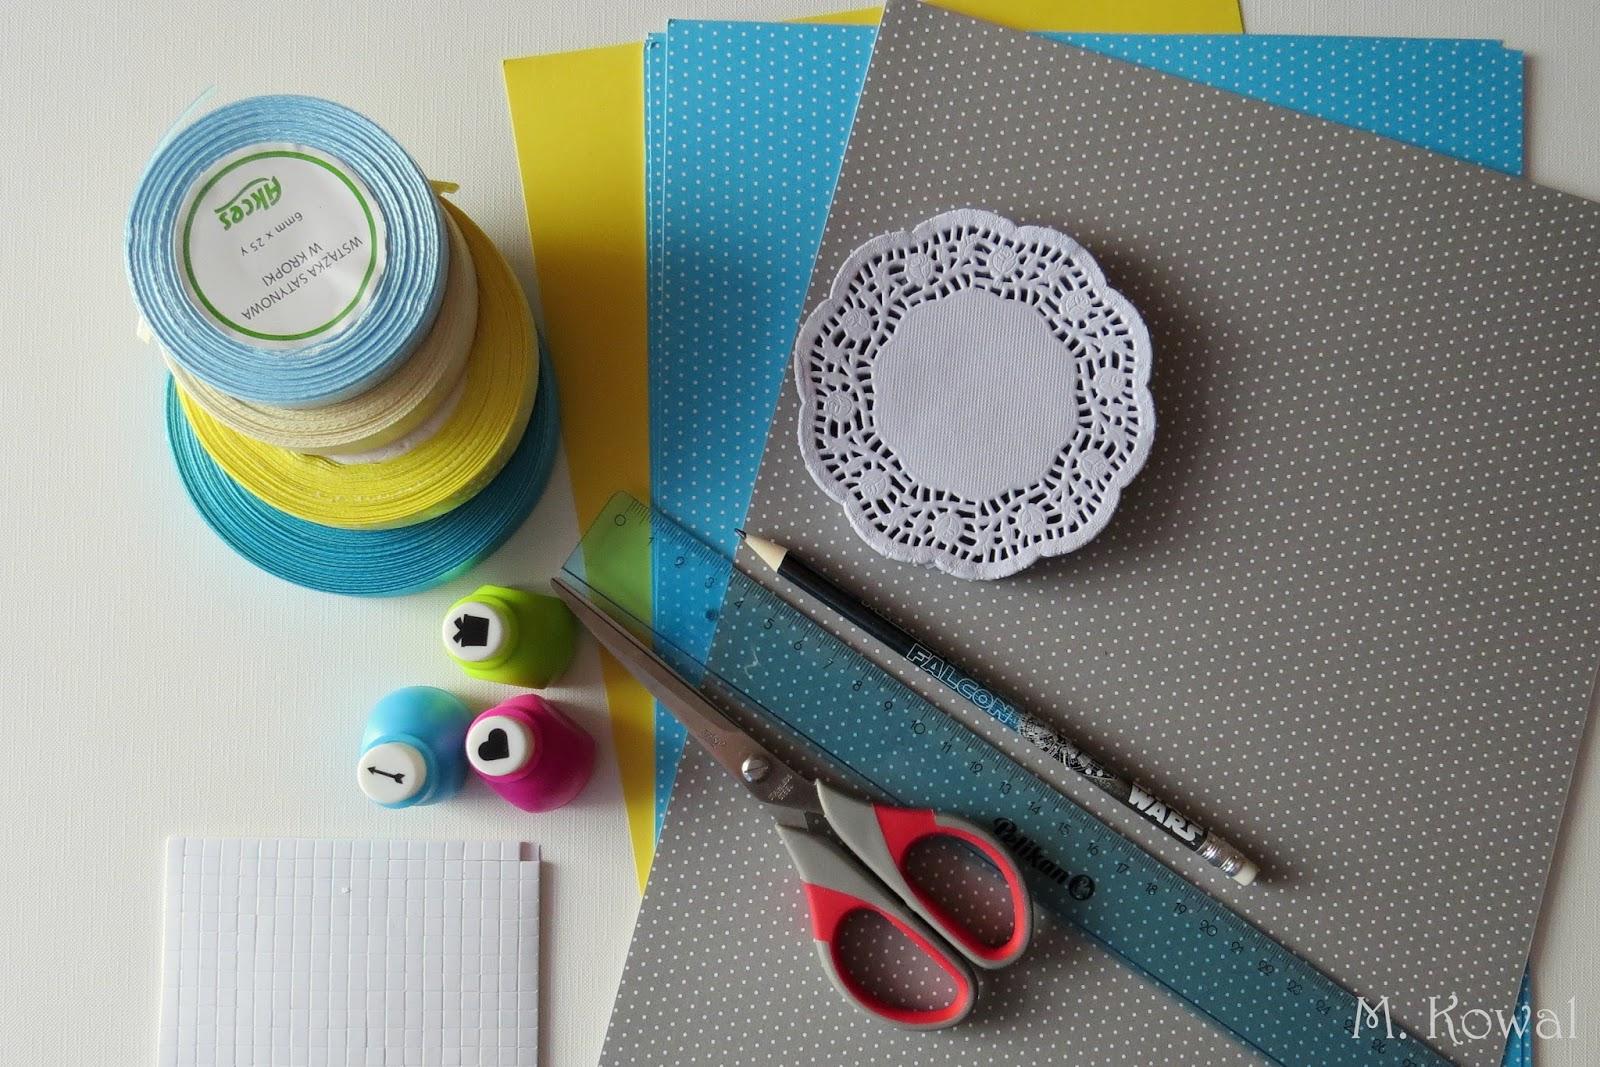 papier w kropki, nożyczki, wstążka, serwetka, linijka, ołówek